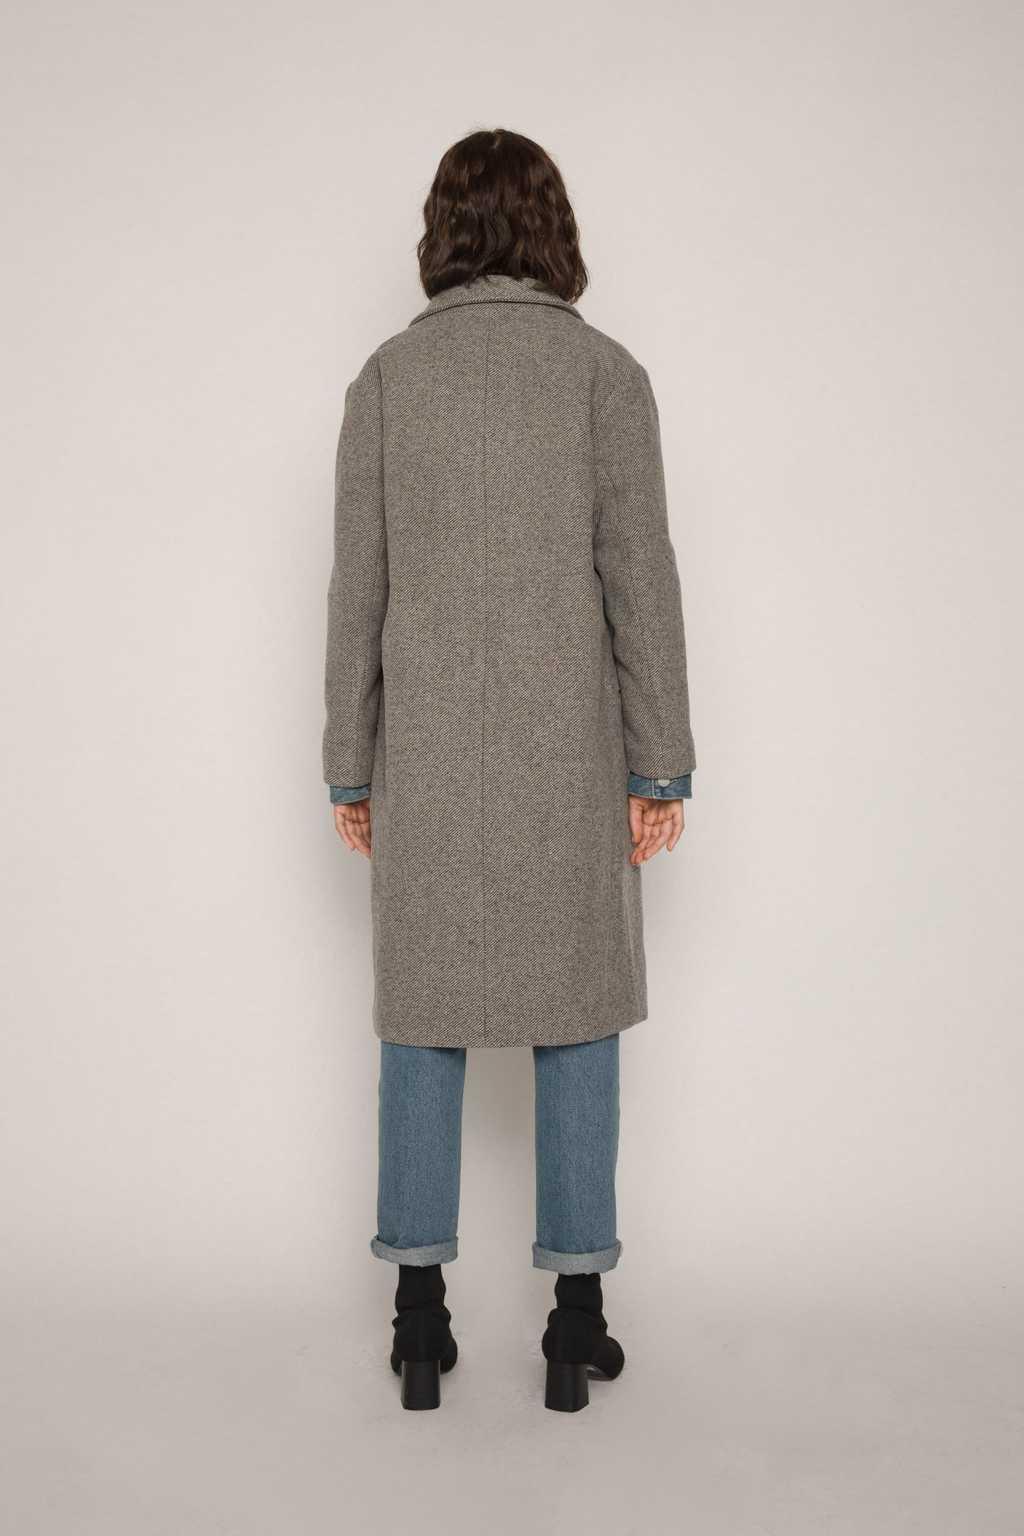 Coat G031 Beige 4